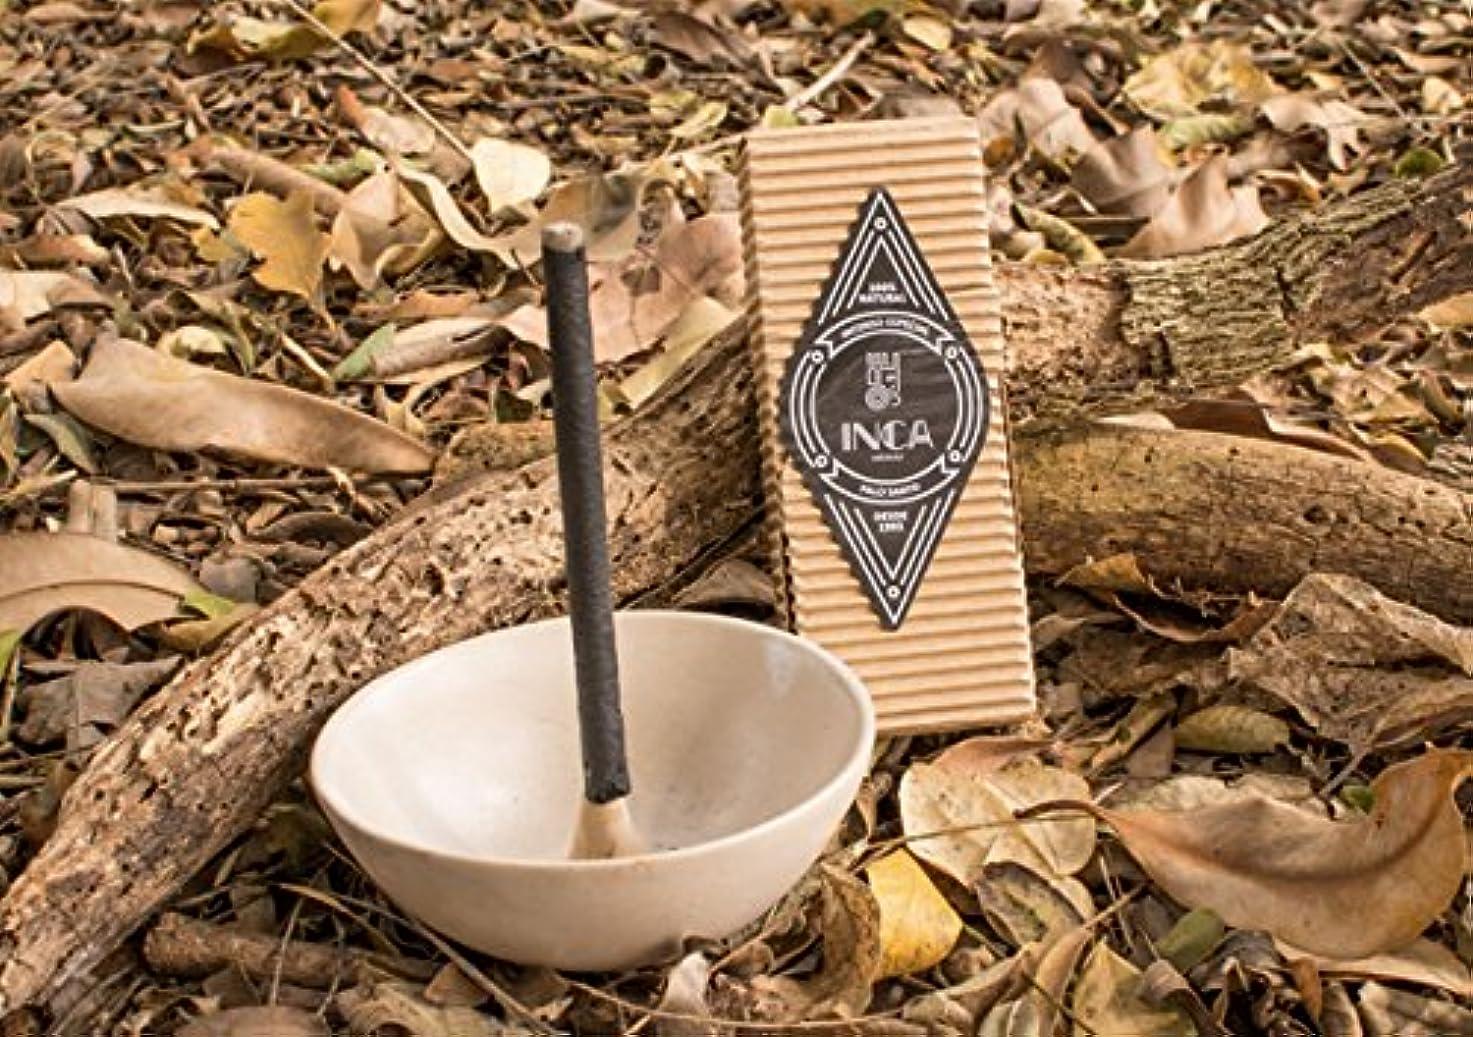 くしゃくしゃイデオロギー富新しいボックスの9プレミアムPalo Santo Incense Sticks :手作り100 %ナチュラル、アーティザンand Therapeutic Incense Stickからのブラジルアマゾンフォレスト、経験正...